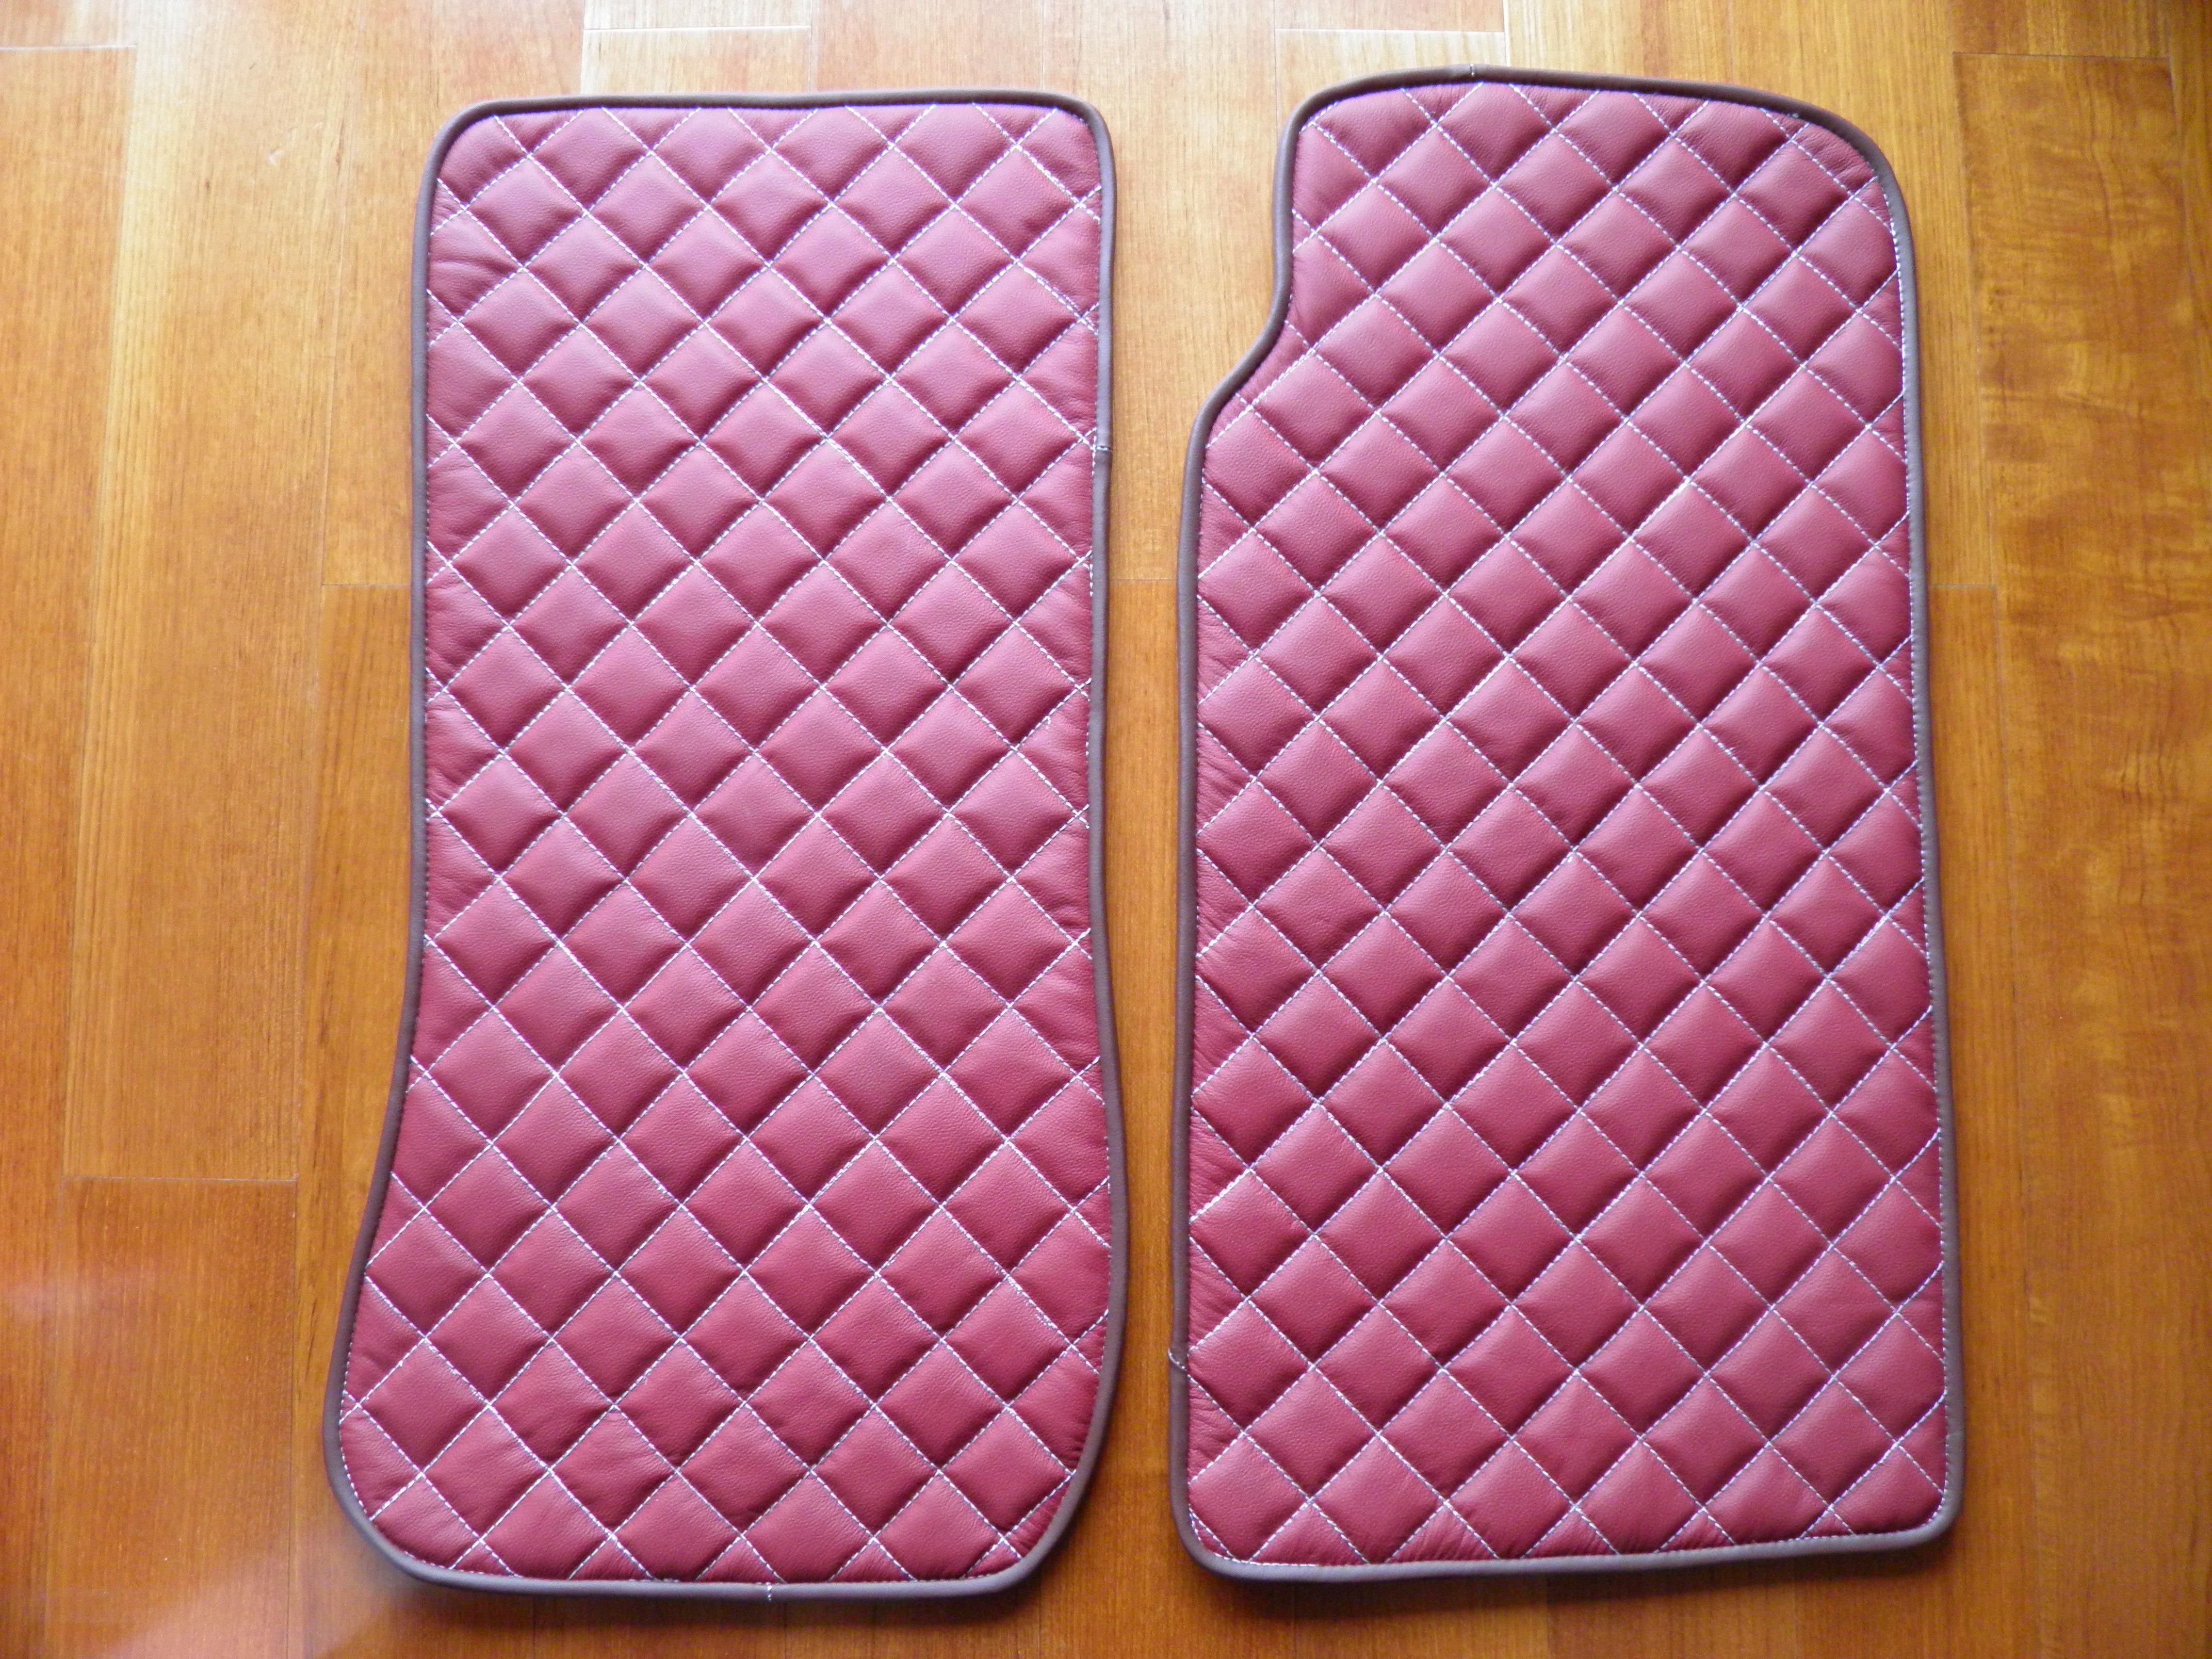 Floor Mats Quilted Design Carbonmiata